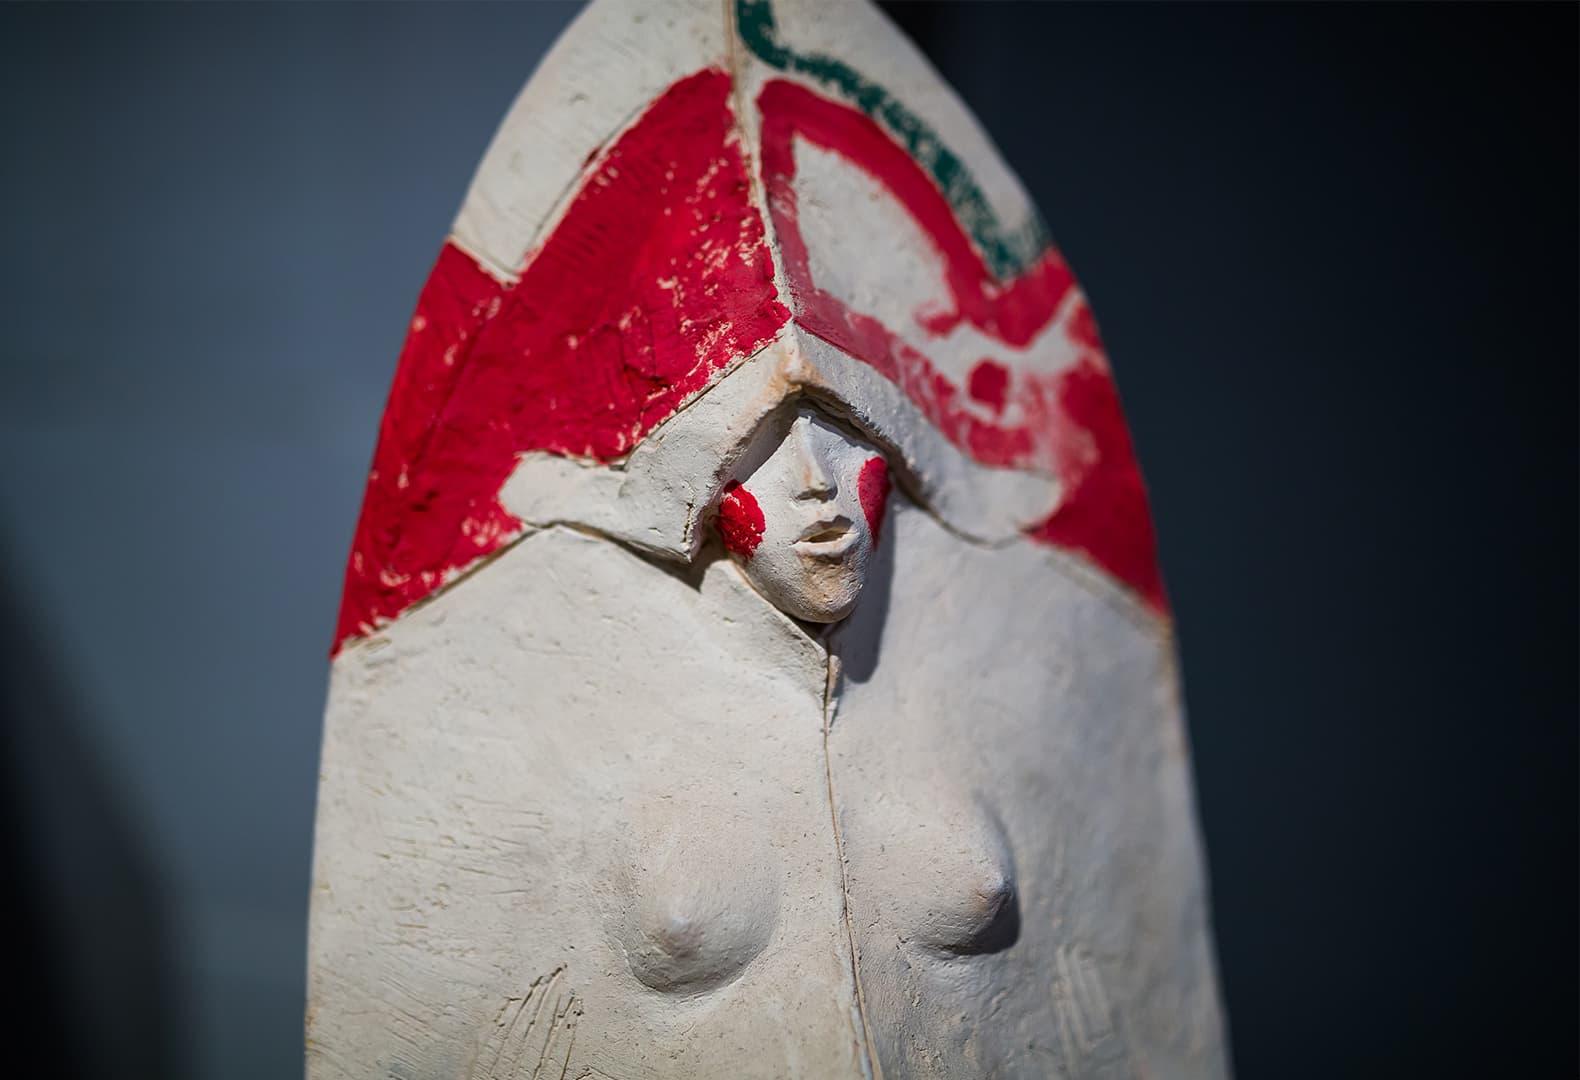 Экспозиция выставки «Трын*Трава. Современный русский стиль» 2020, скульптор Кирилл Чижов